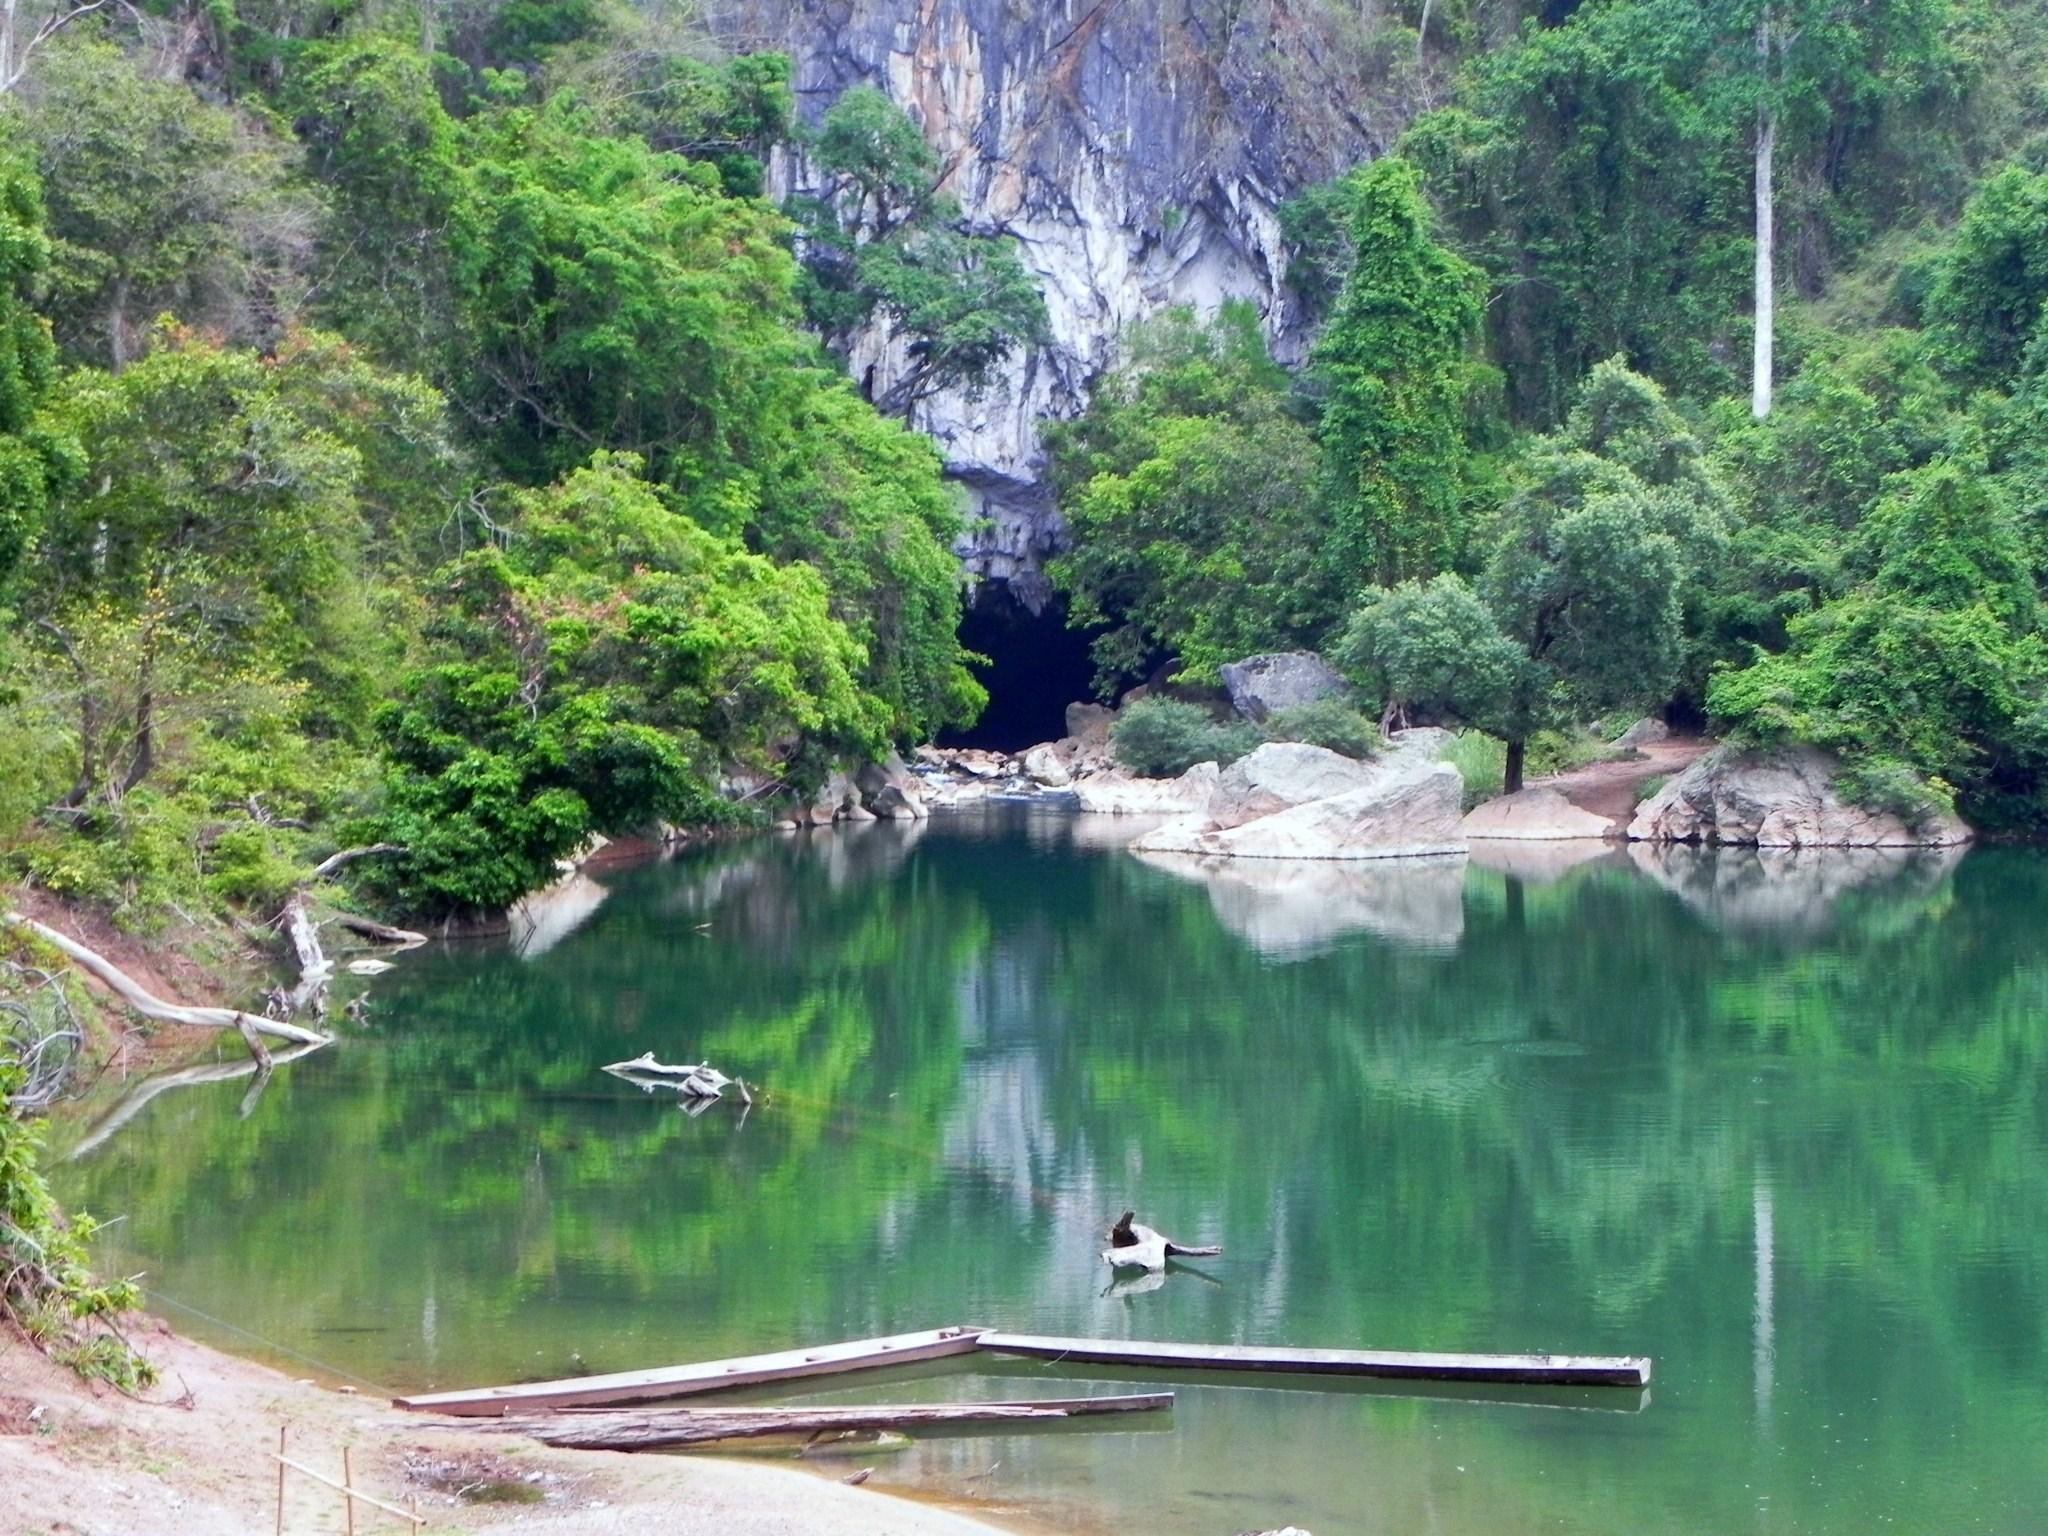 Tour Du Lịch Lào 5 Ngày 4 Đêm Giá Rẻ KH Từ Hà Nội 3